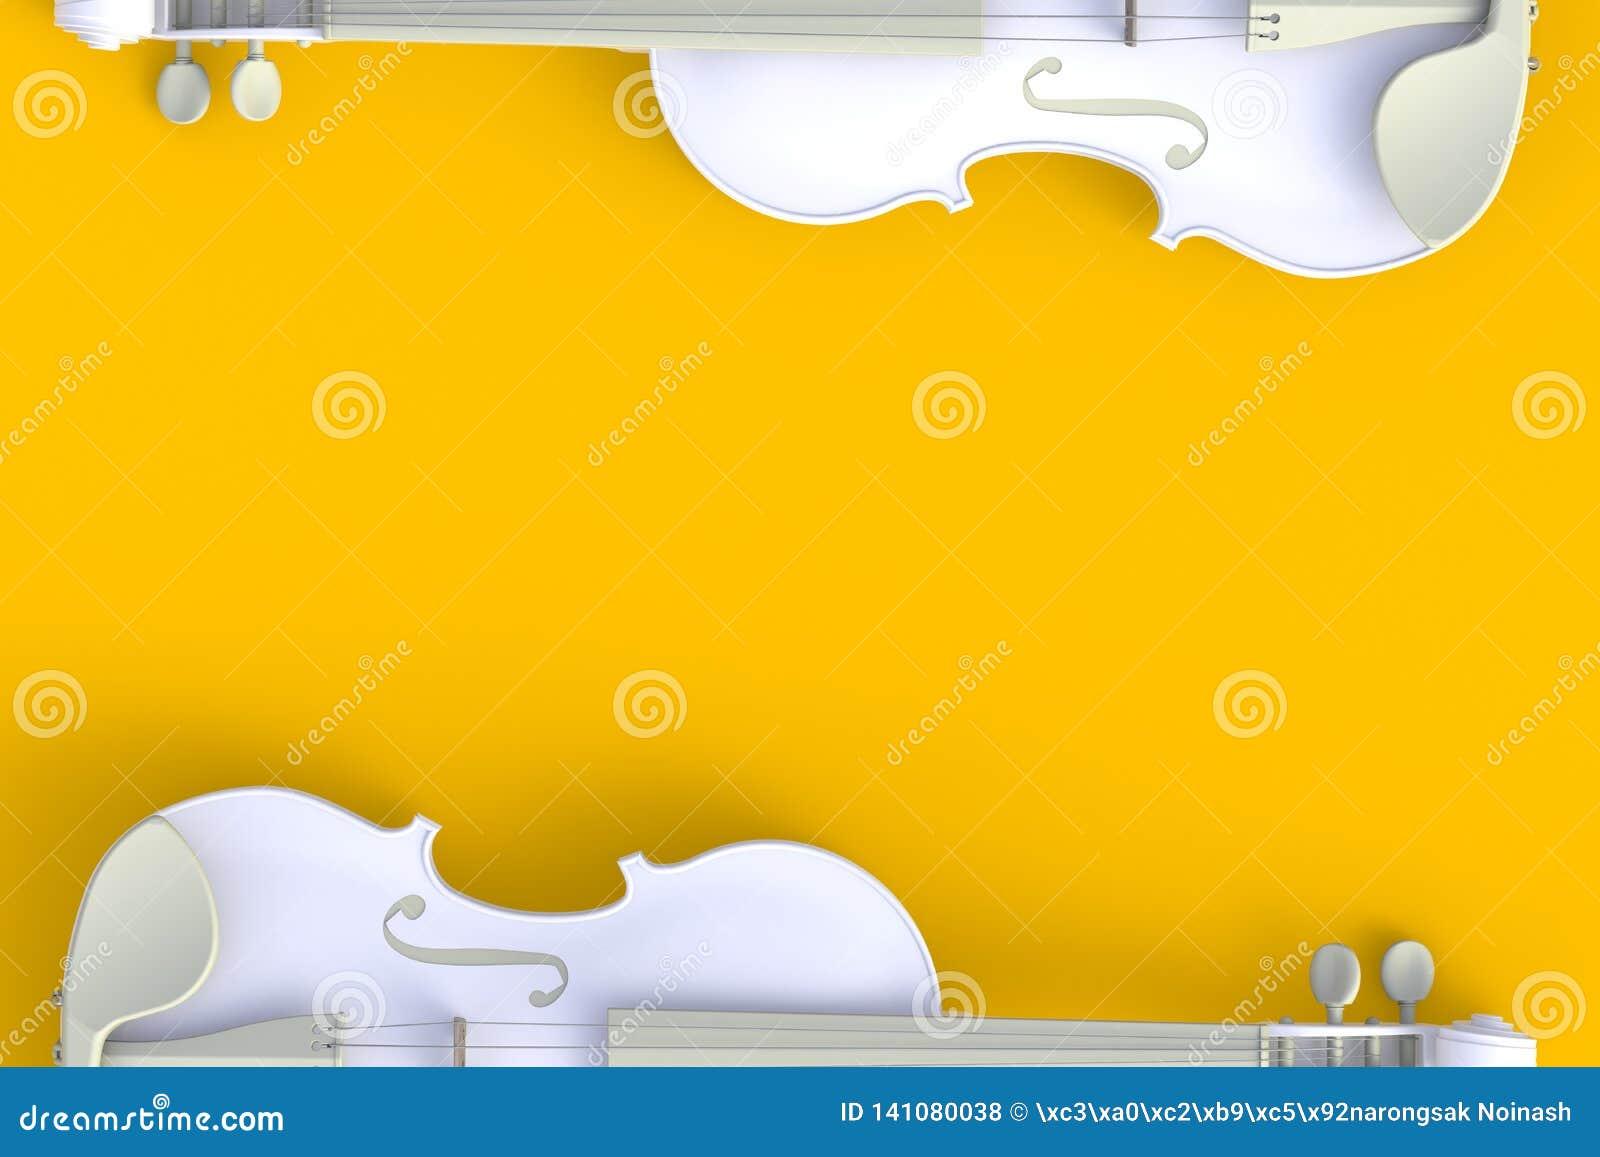 Τοπ άποψη του κλασσικού άσπρου βιολιού που απομονώνεται στο κίτρινο υπόβαθρο, όργανο σειράς